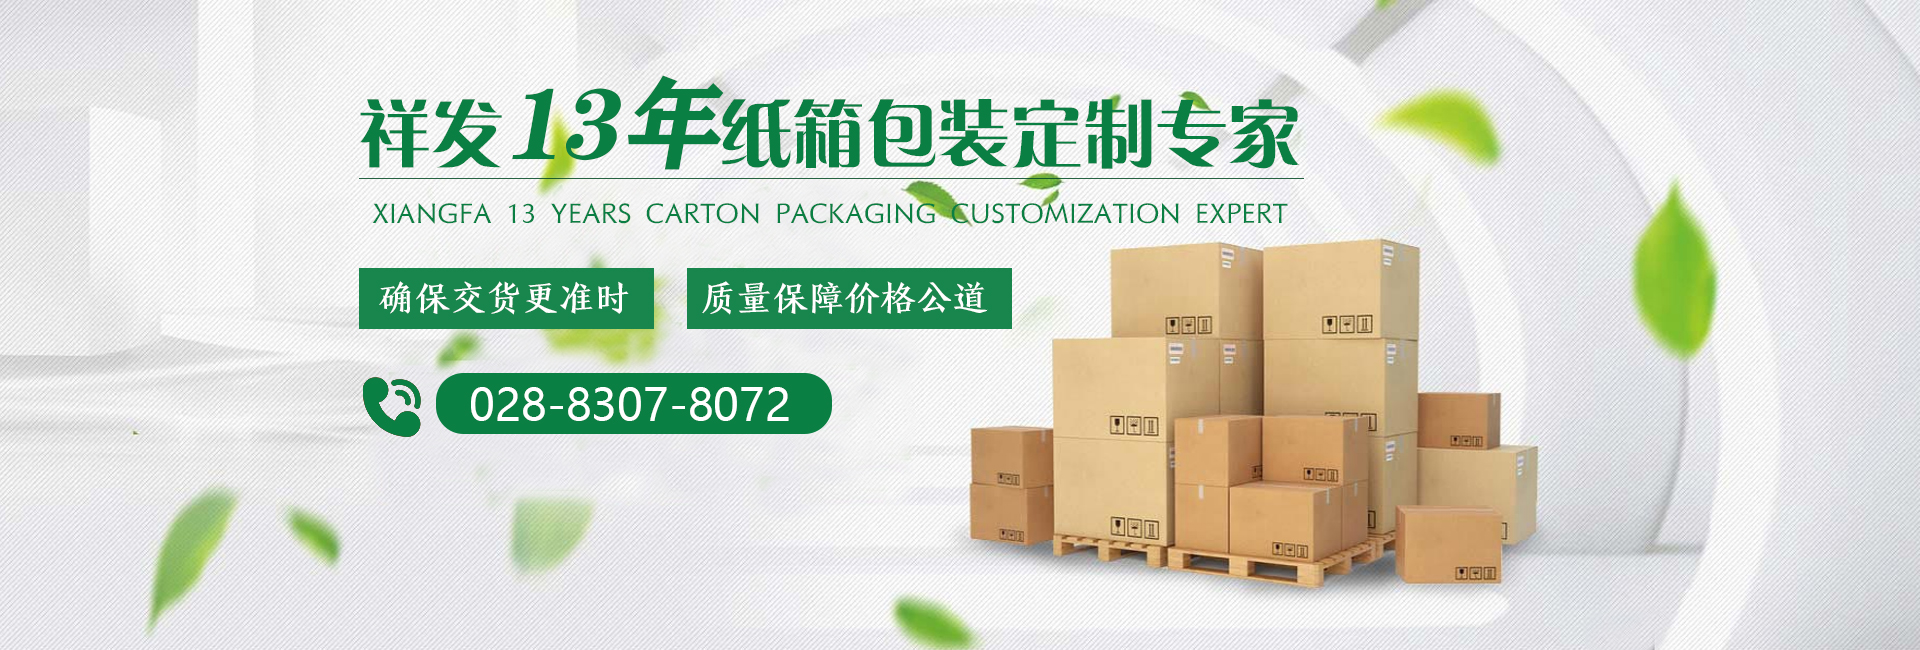 纸箱包装定制